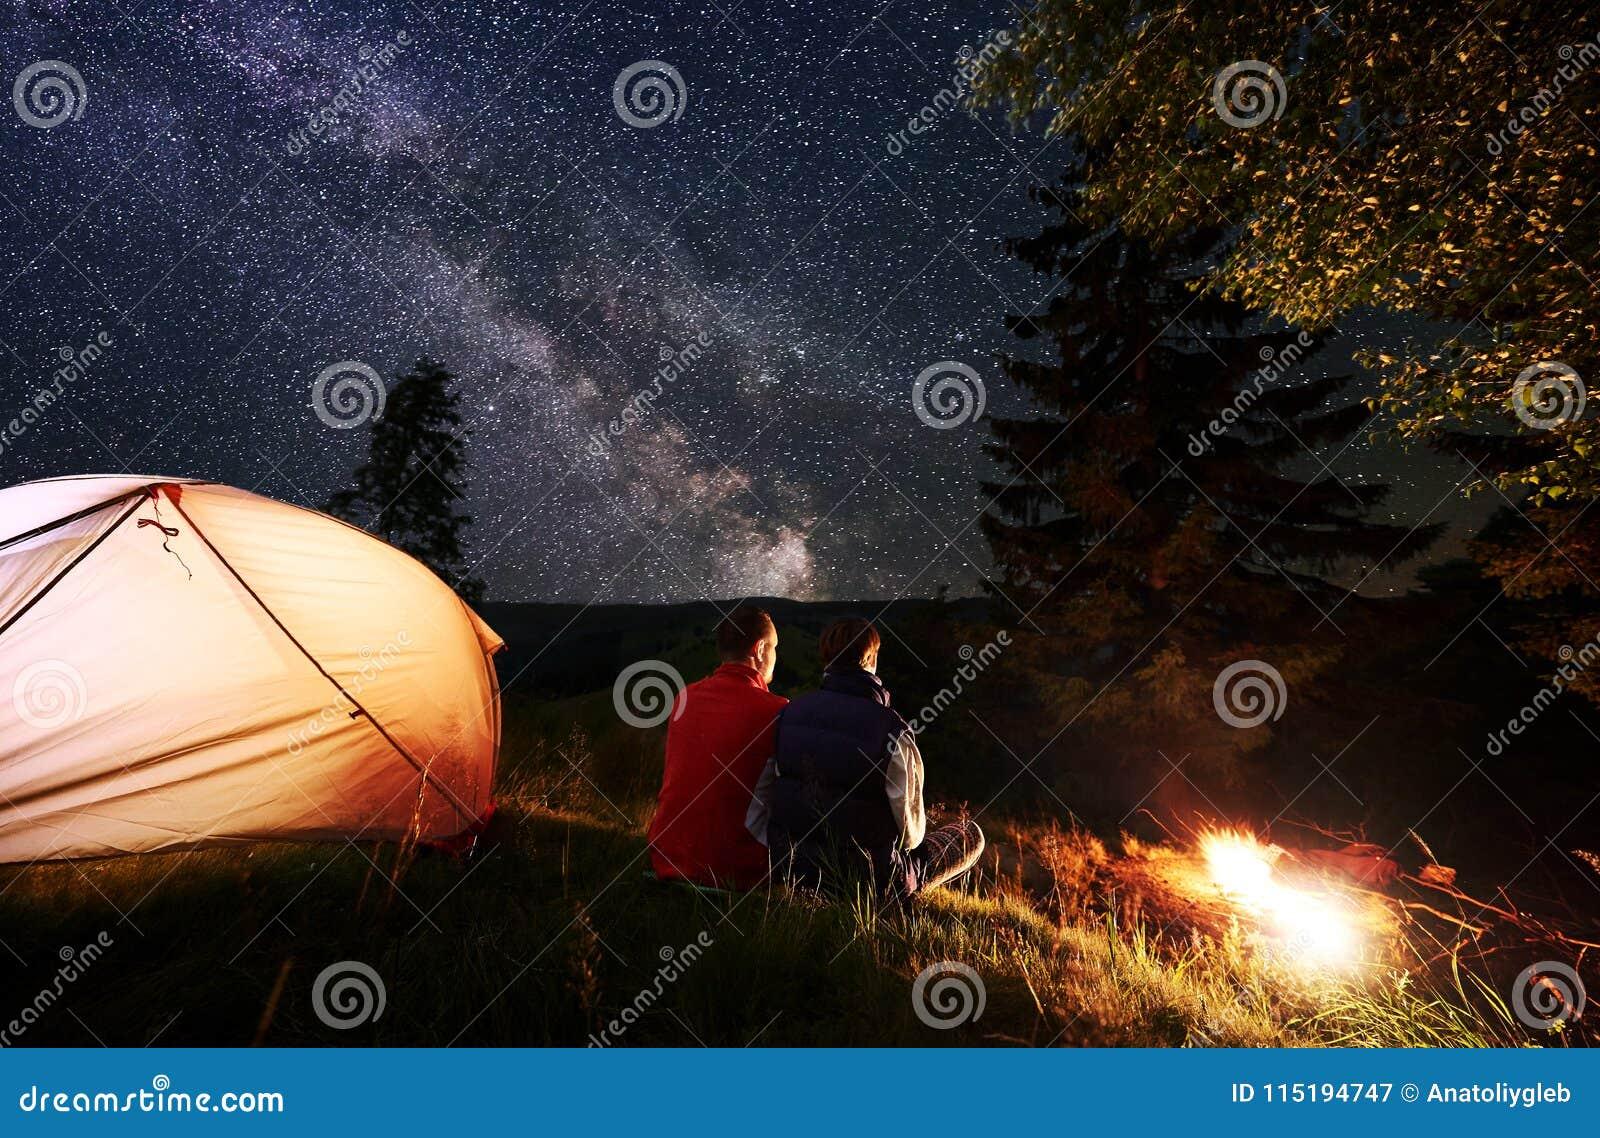 Romantiskt parsammanträde för bakre sikt i tältläger vid brand under natthimmel som beströs med stjärnor och den mjölkaktiga väge